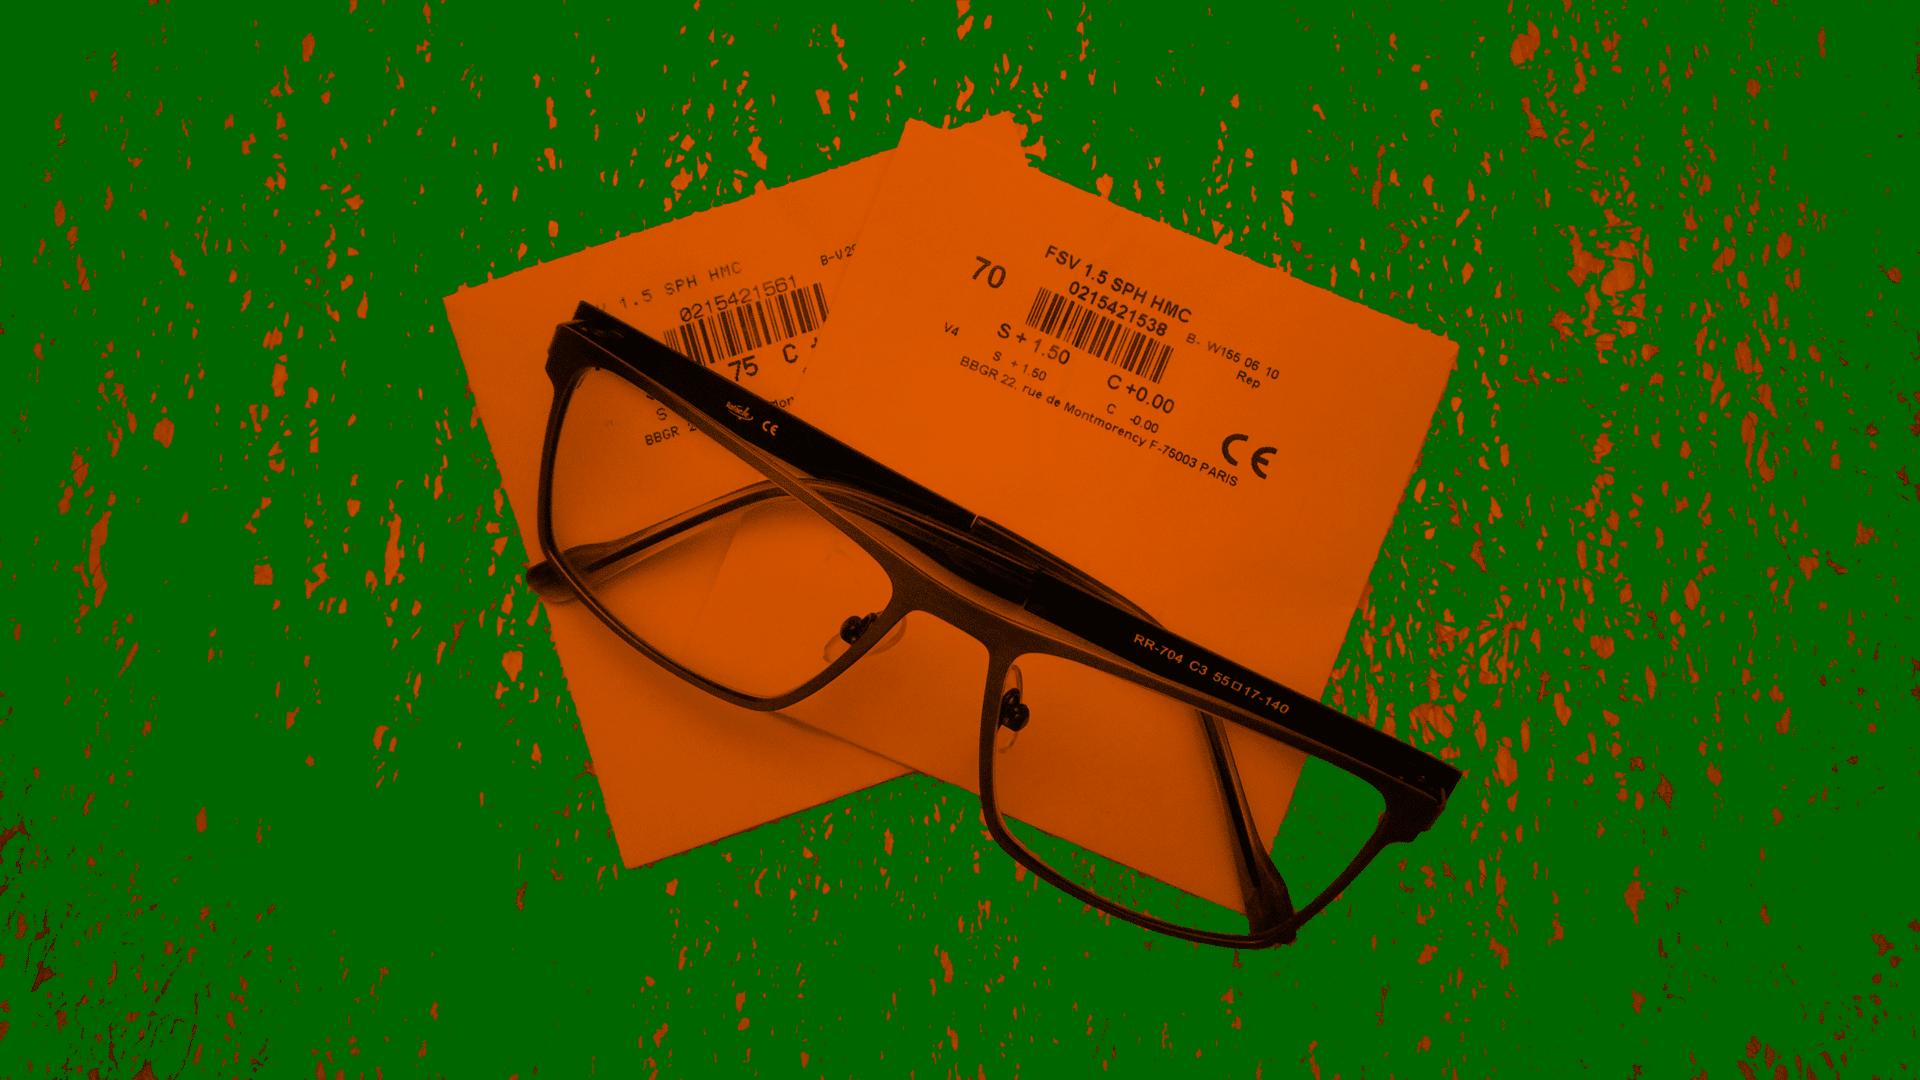 Купить очки для зрения в Екатеринбурге всего за 3490 рублей реально. Зайдите в САГА-ОПТИКА.